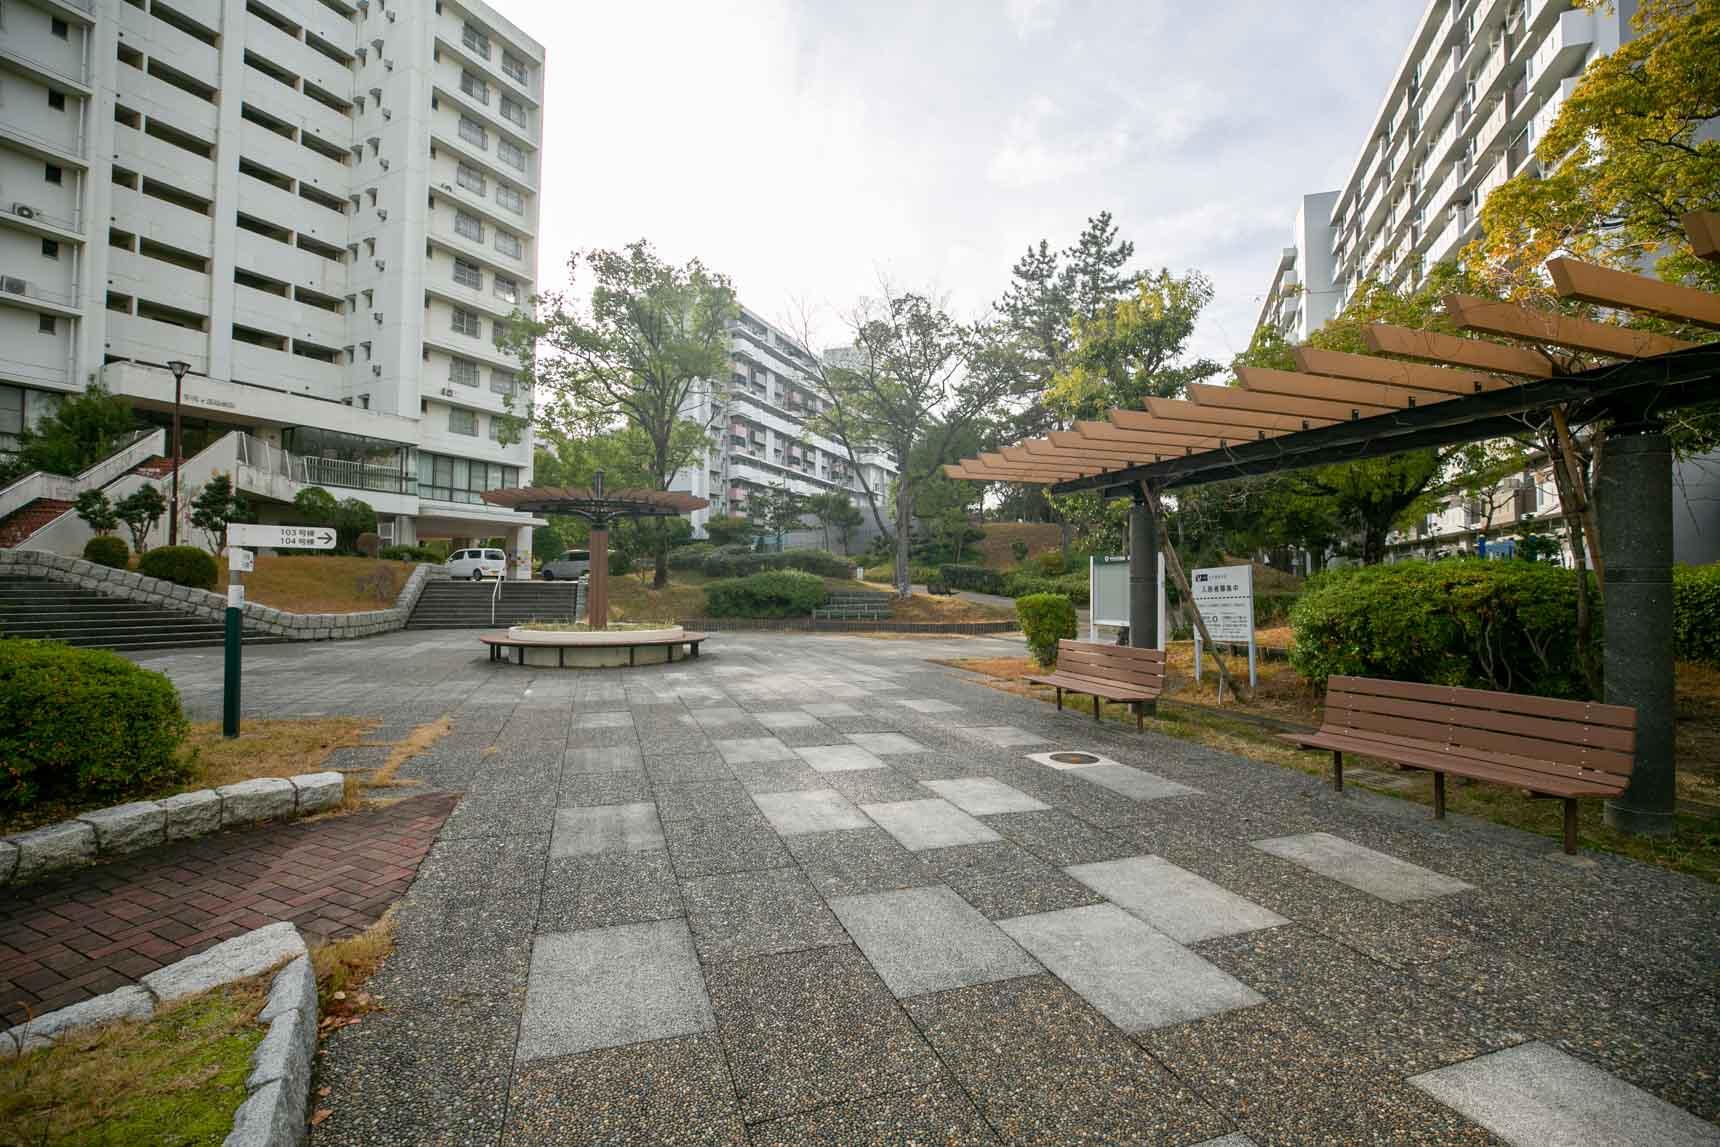 8〜12階建てと高層の棟が多い団地ですが、棟と棟の間がかなりゆったりととられているため、とても空を広く感じます。